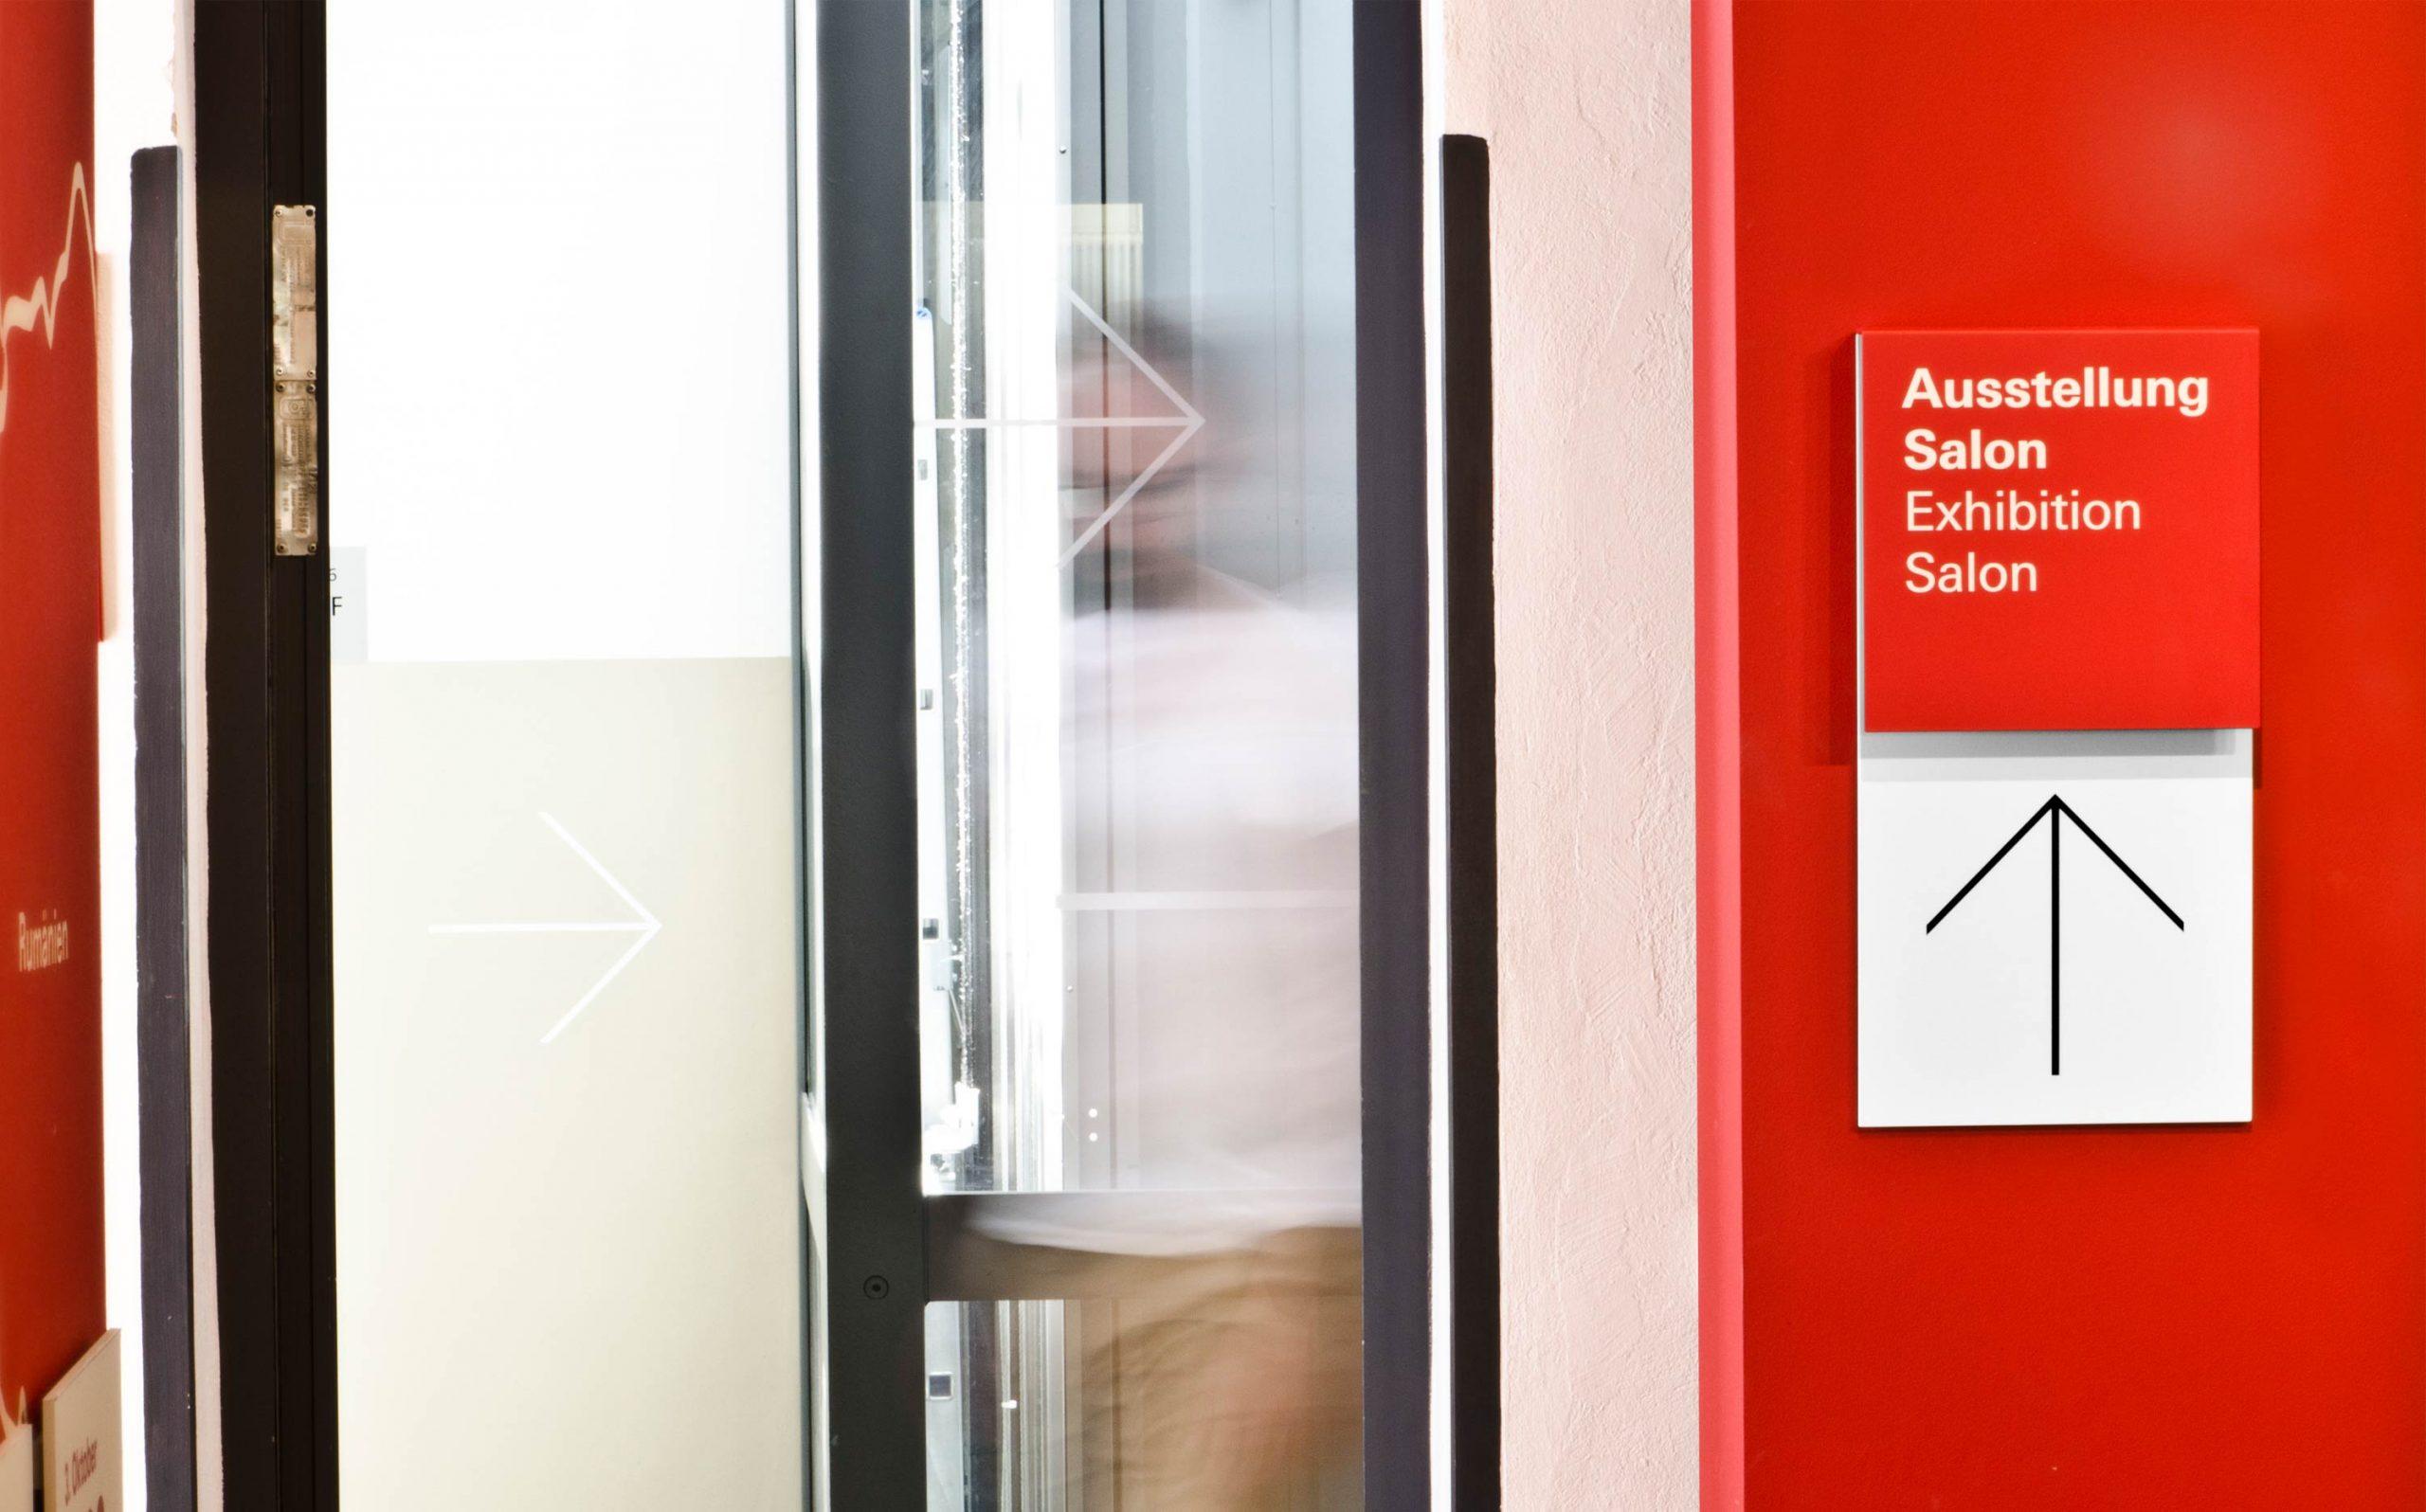 Leitsystem Museum in der Kulturbrauerei. Wegweiser mit Primärinformation (Ausstellung, Salon) oben und Richtungspfeil unten, rot-weiß. Direkt-Montage auf Vorbauwände. Farbe: RAL 3020 & weiß. Elemente: Pfeil, Schrift (Univers Regular und Univers Bold)